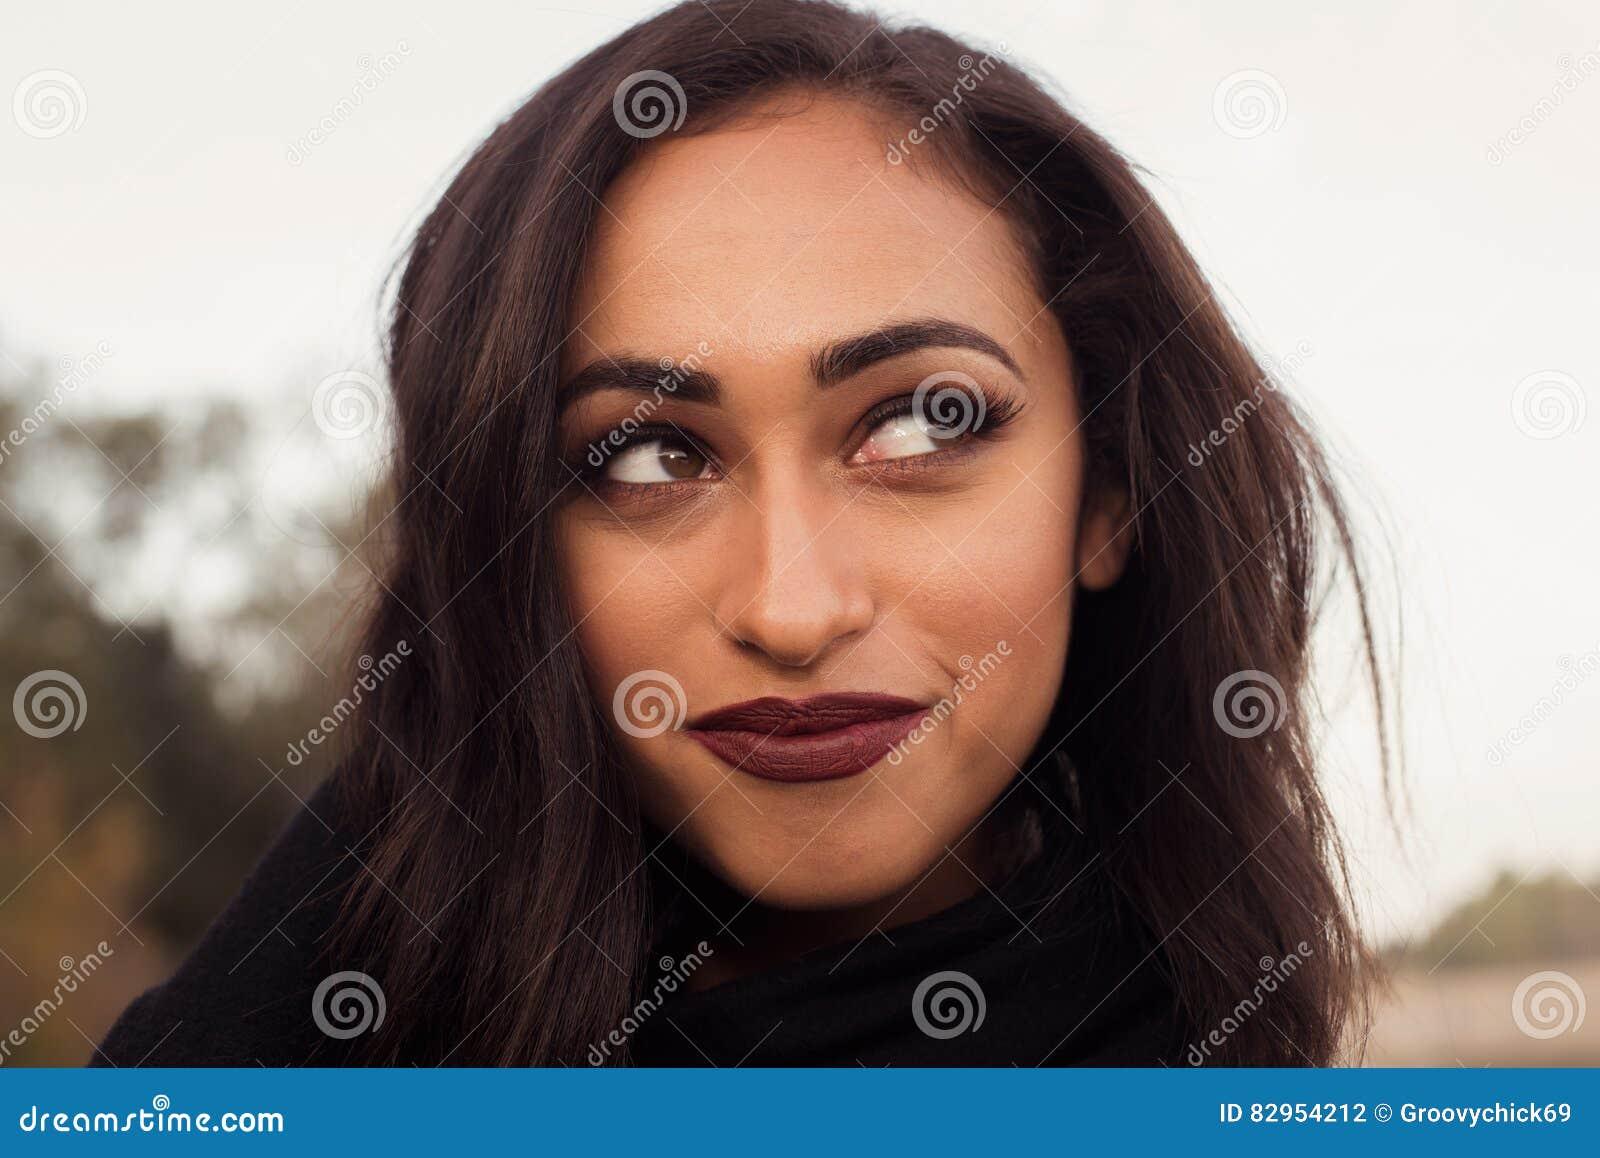 Chica de portada